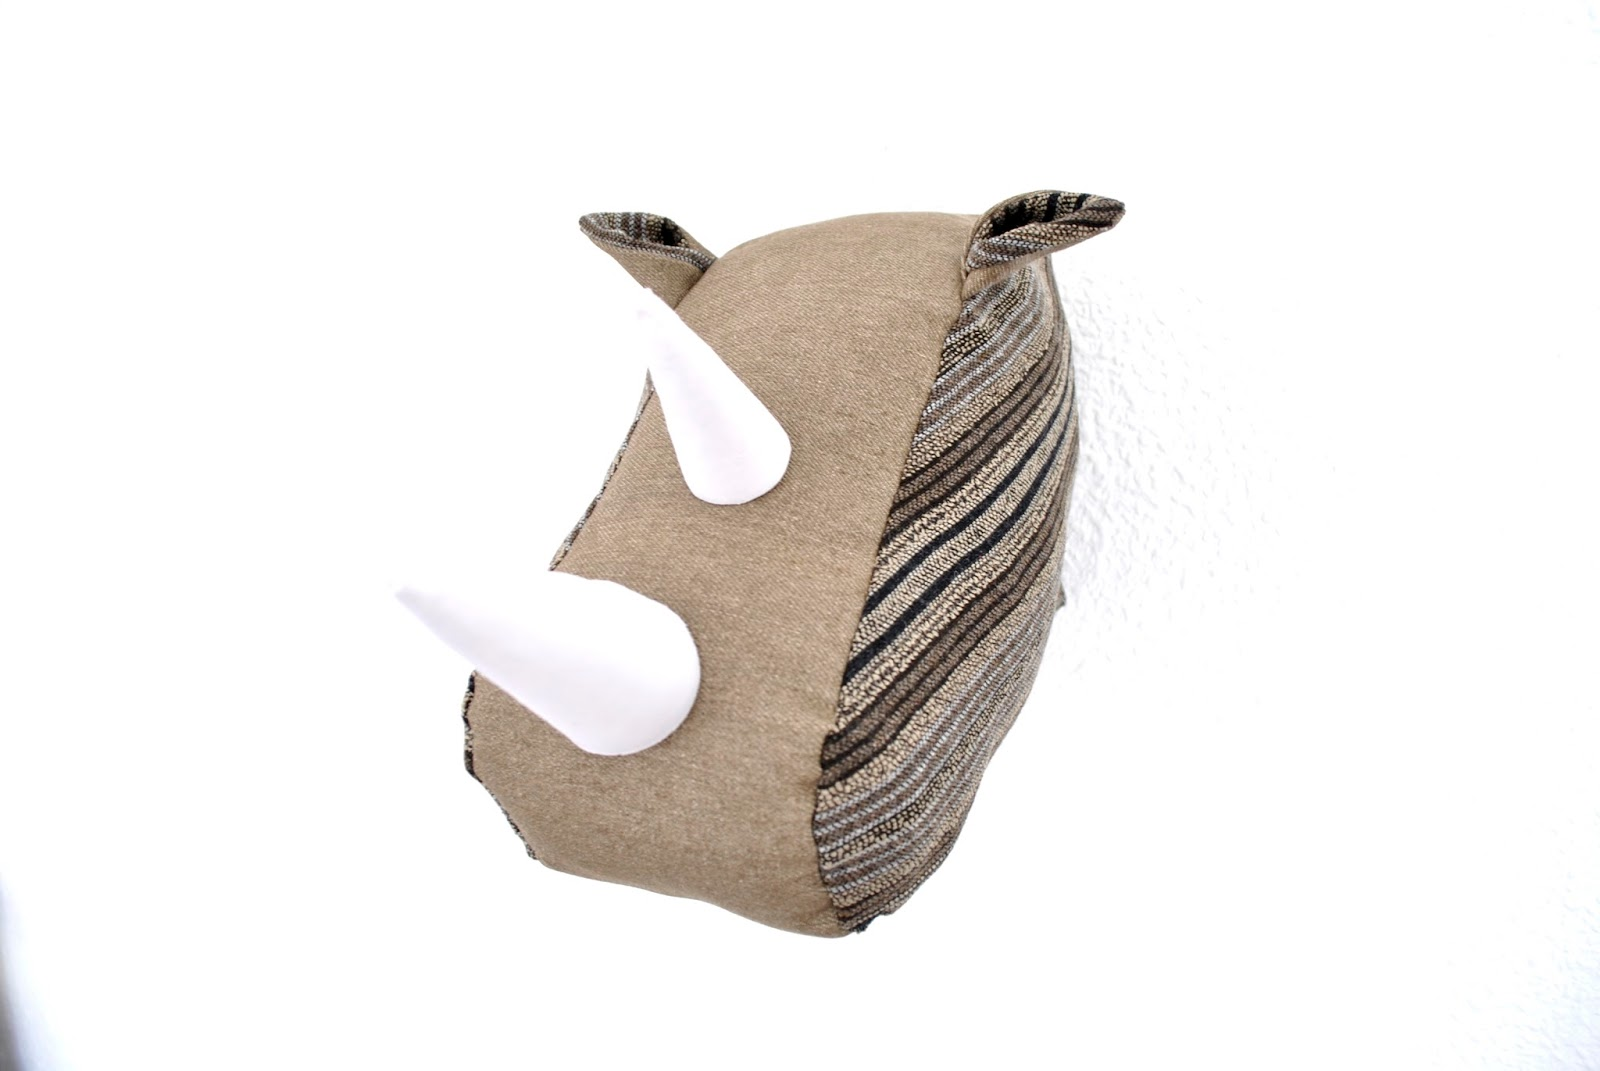 Diy trofeo rinoceronte de tela handbox craft lovers comunidad diy tutoriales diy kits diy - Cabezas animales tela ...